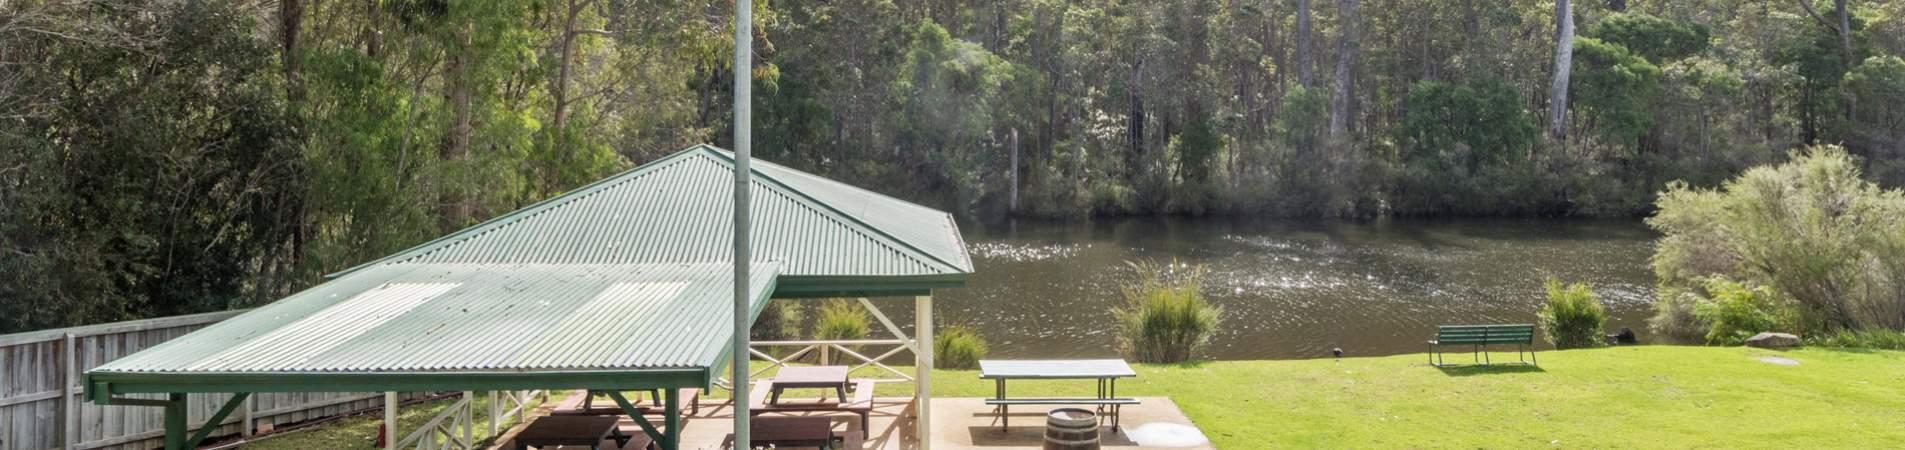 riverview tourist park margaret river - banner 3